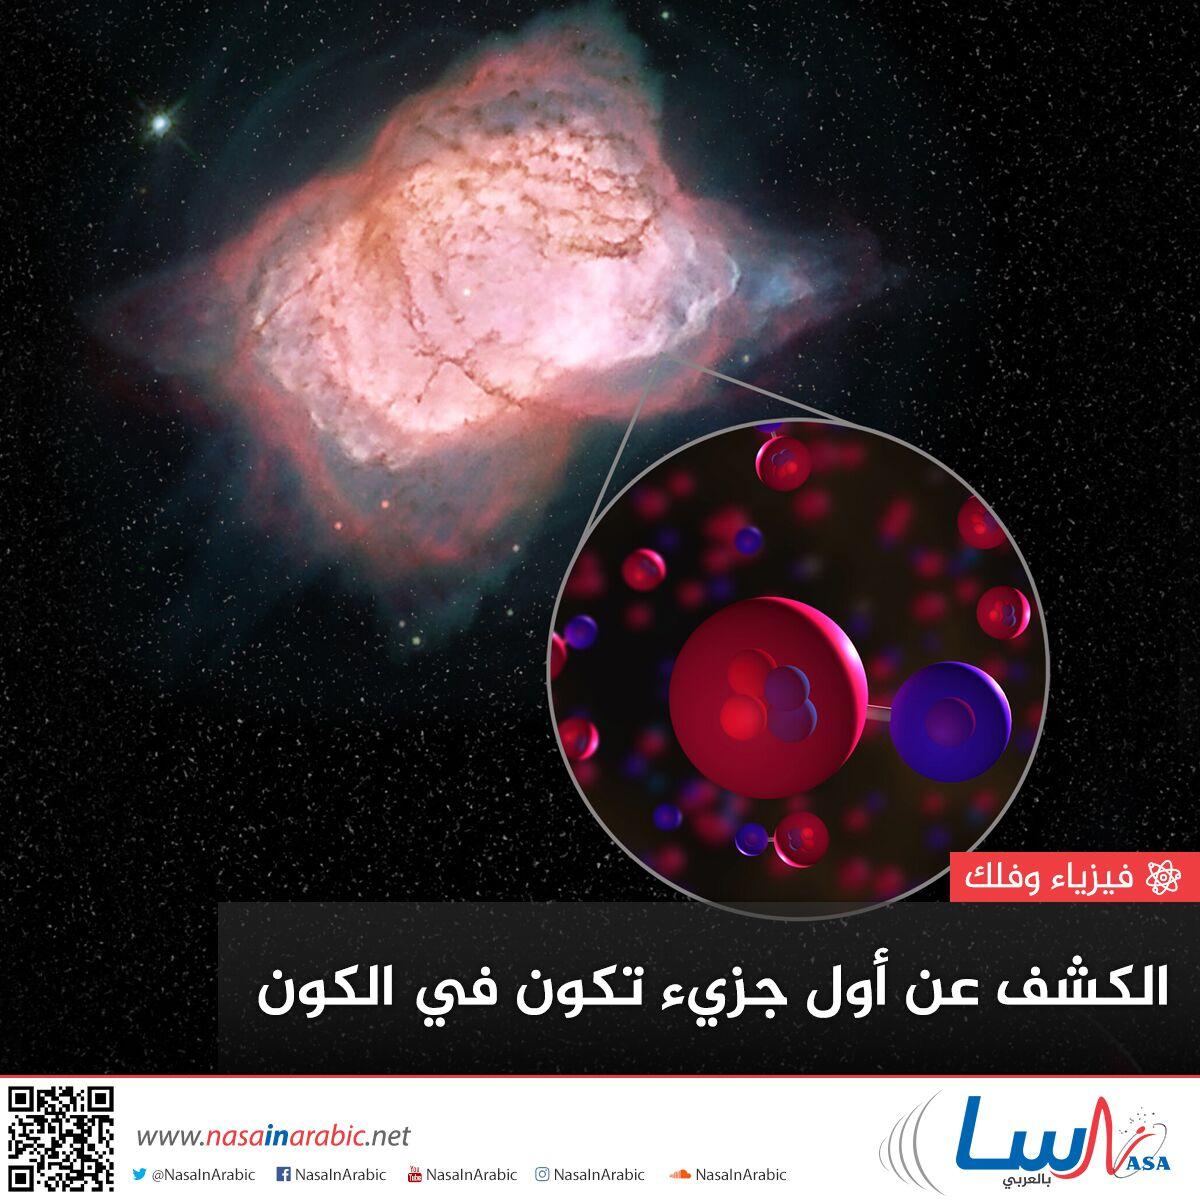 الكشف عن أول جزيء تكون في الكون